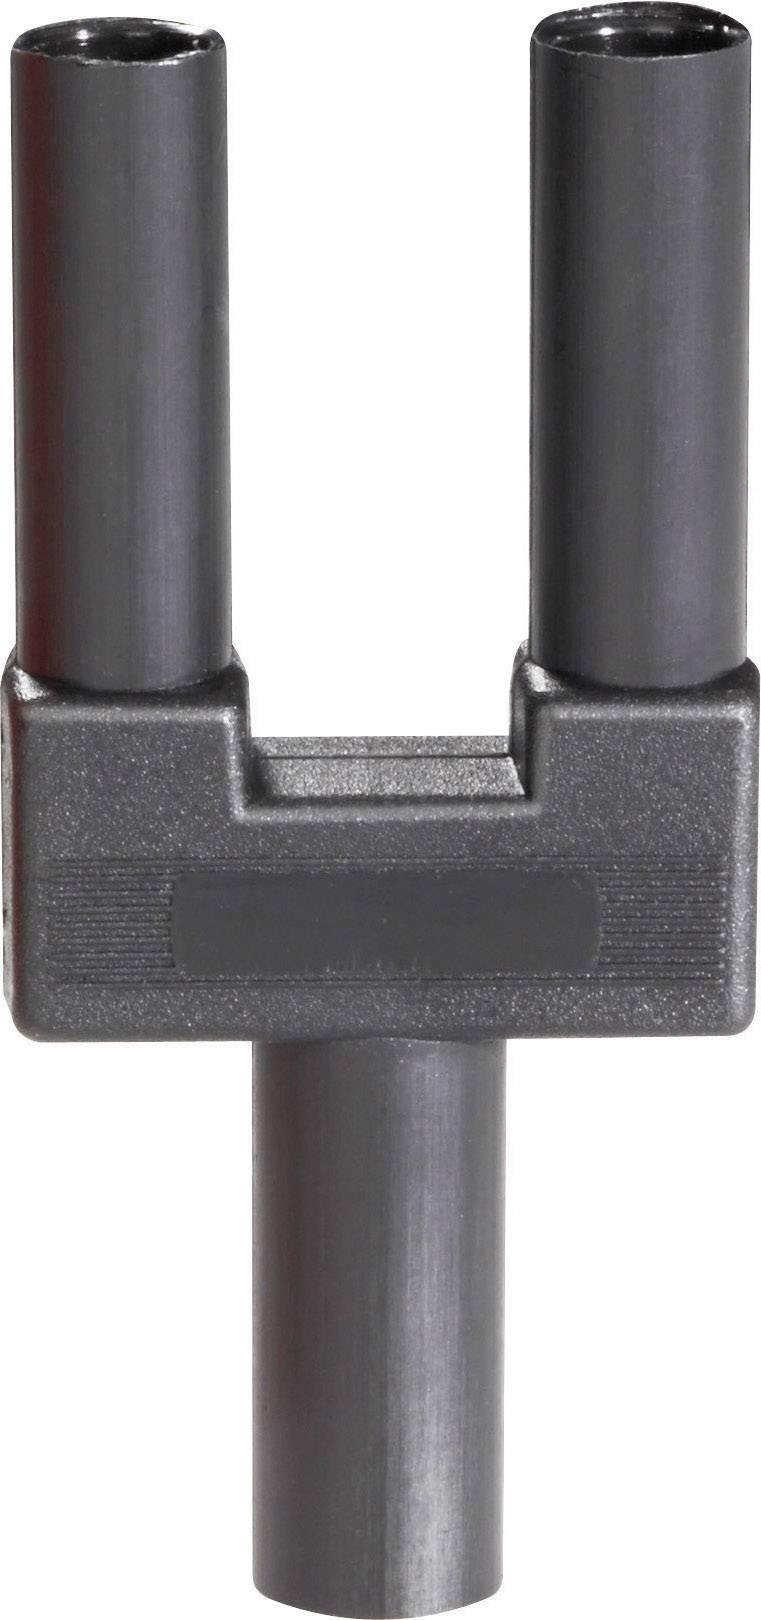 Bezpečnostní zkratovací konektor Schnepp SI-FK 19/4 mB sw, 25 A, černá, 19 mm